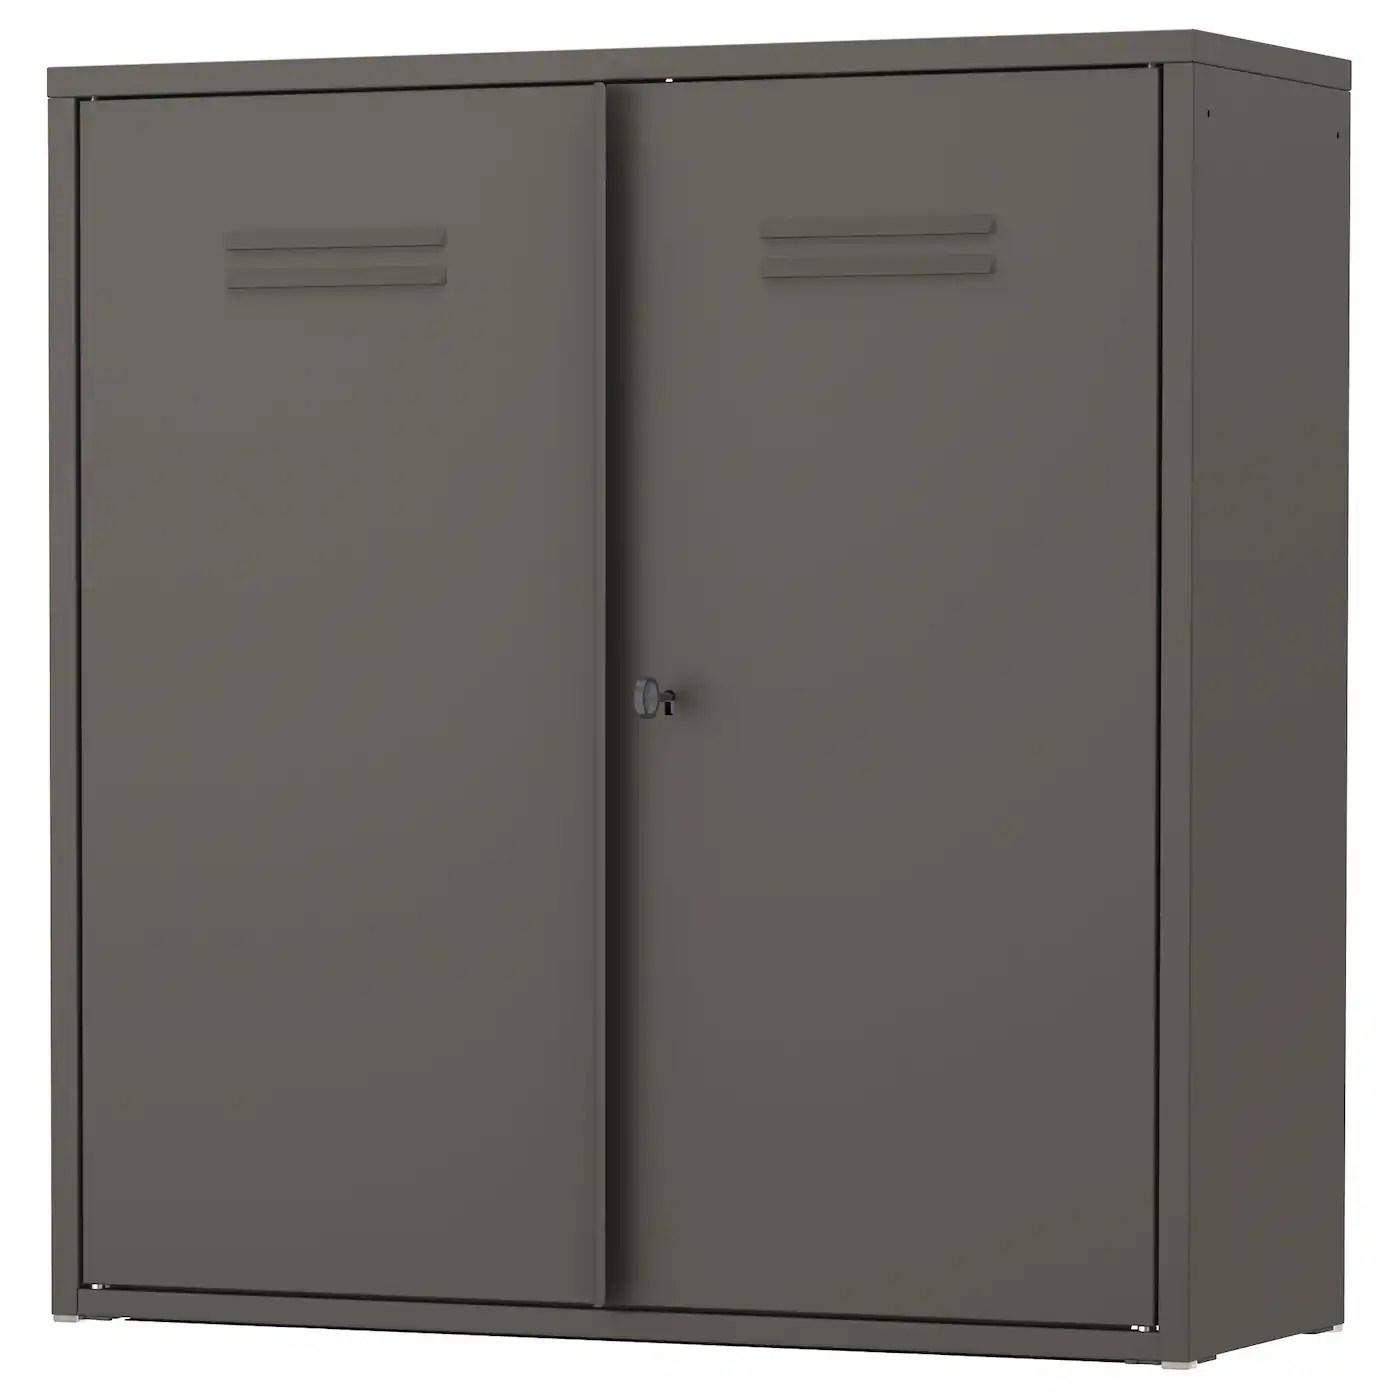 IVAR Cabinet With Doors Grey 80 X 83 Cm IKEA